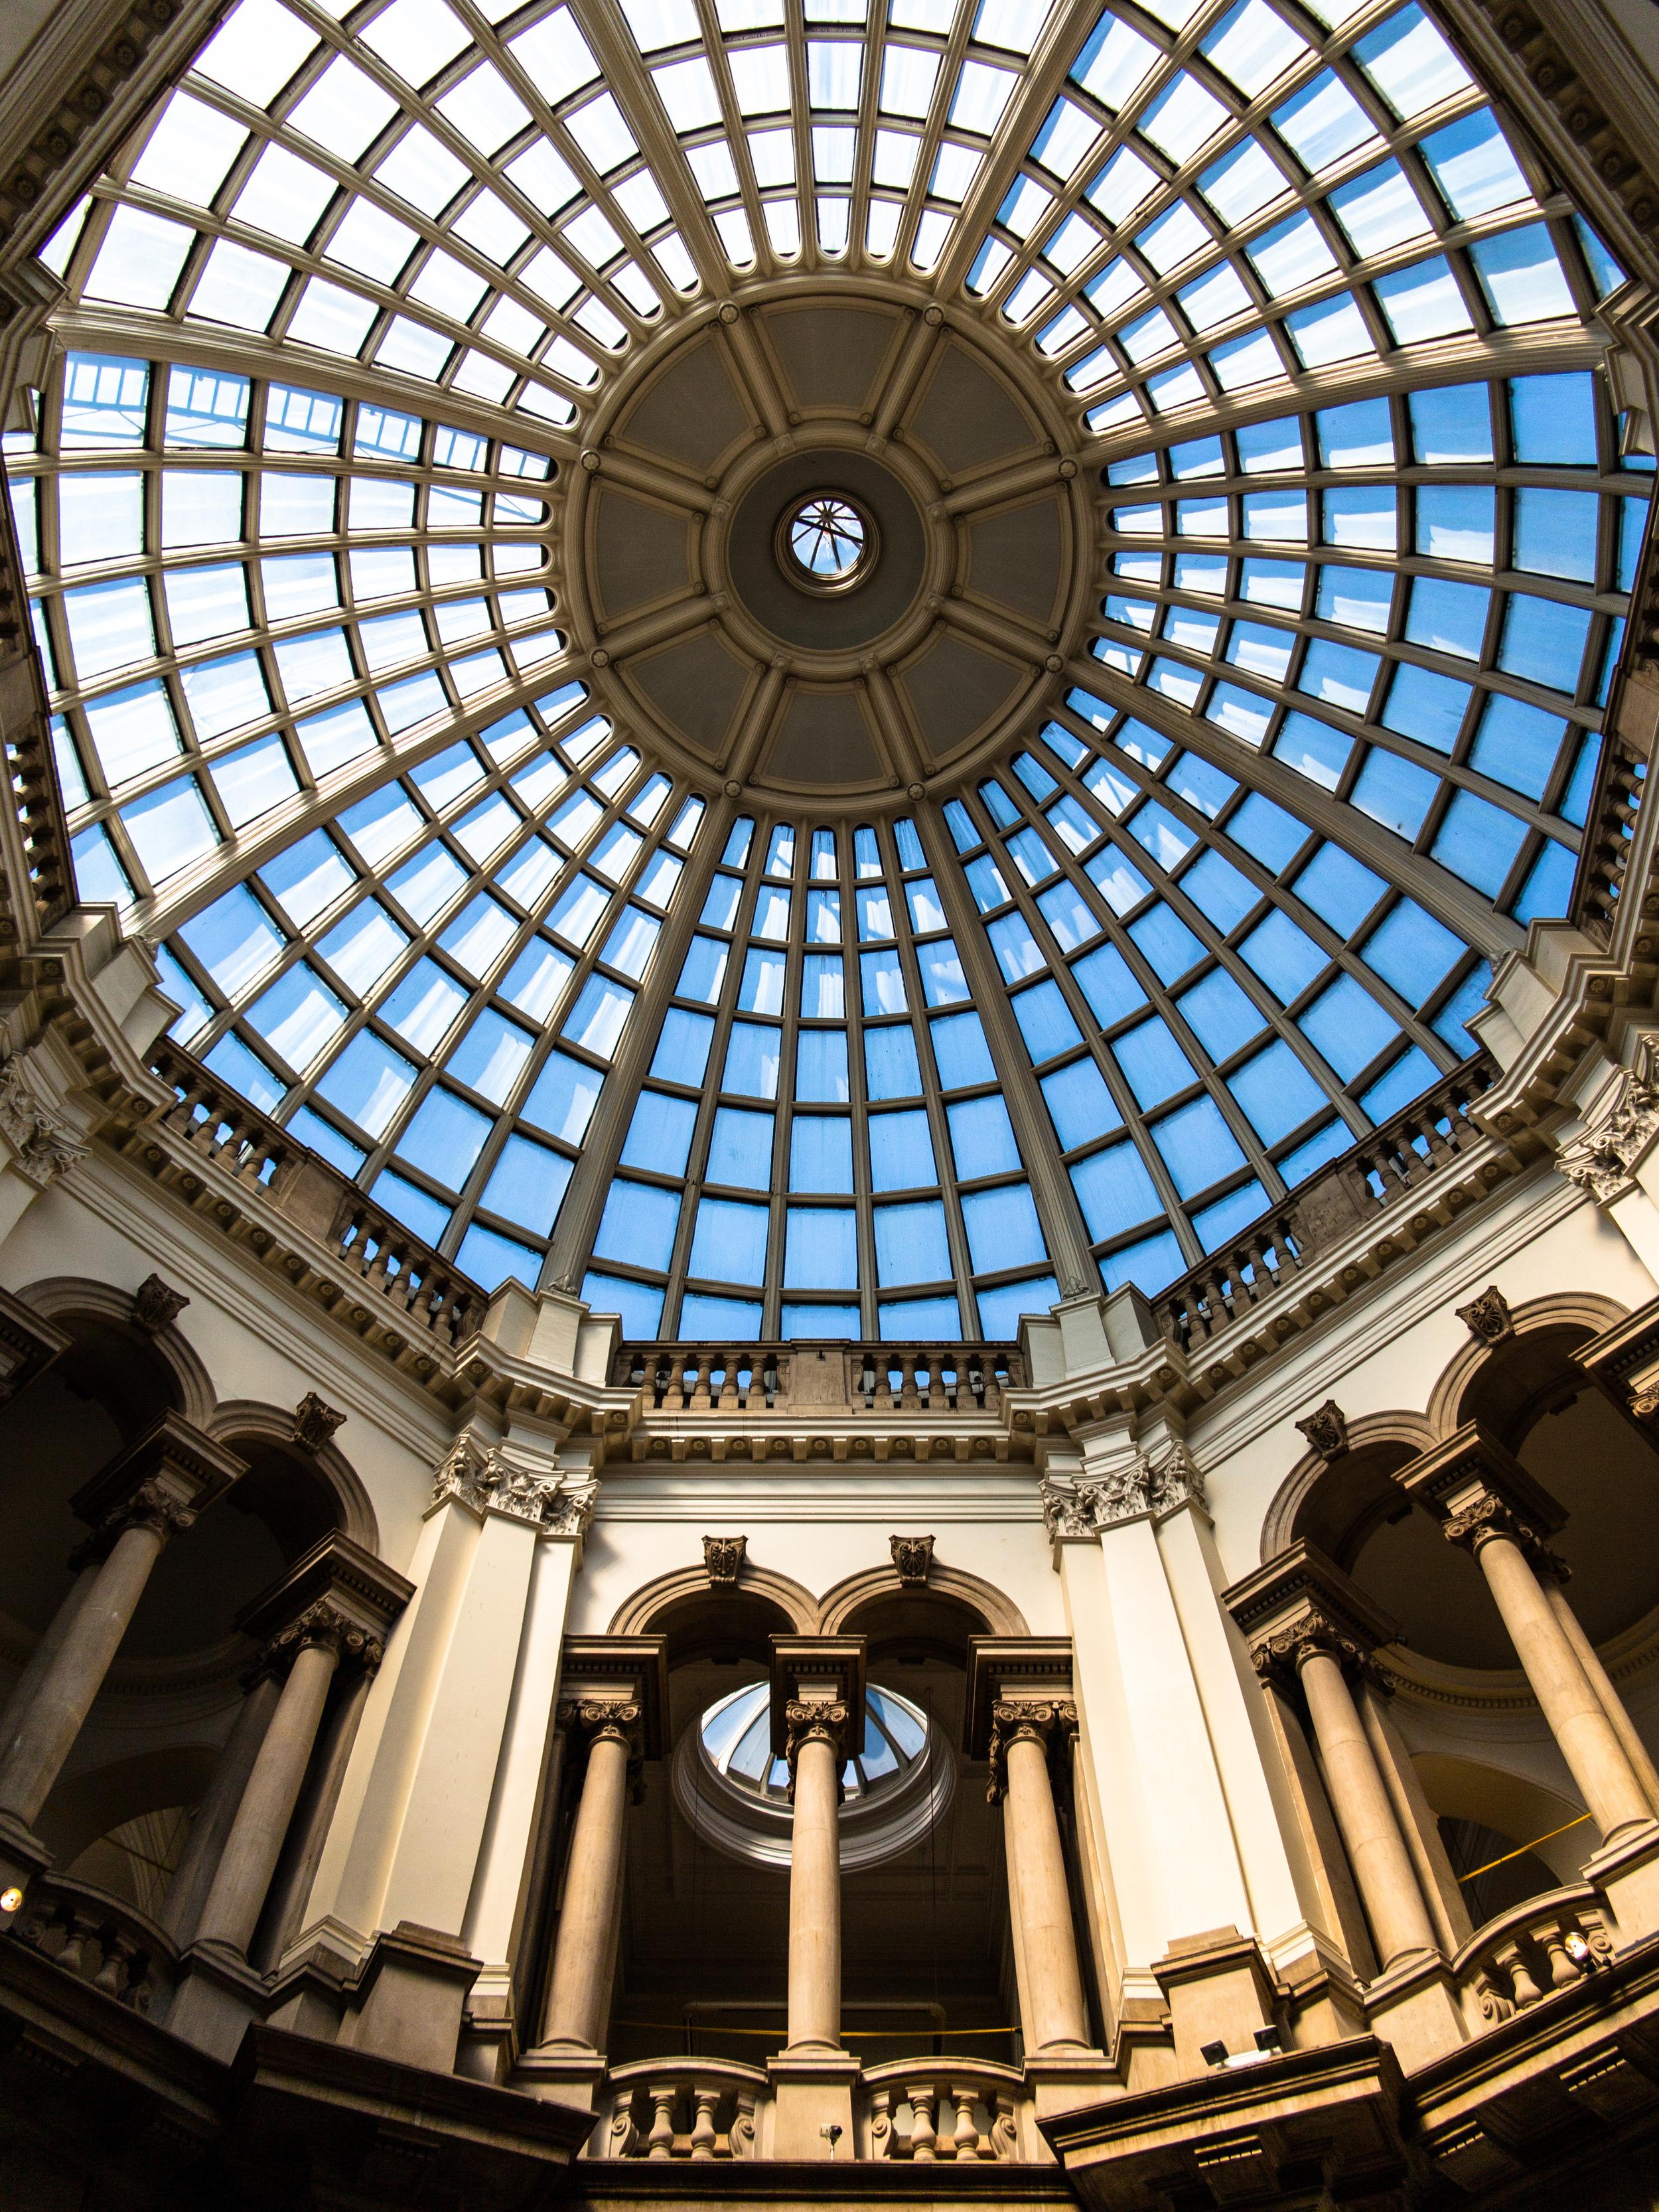 Tate Britain dome